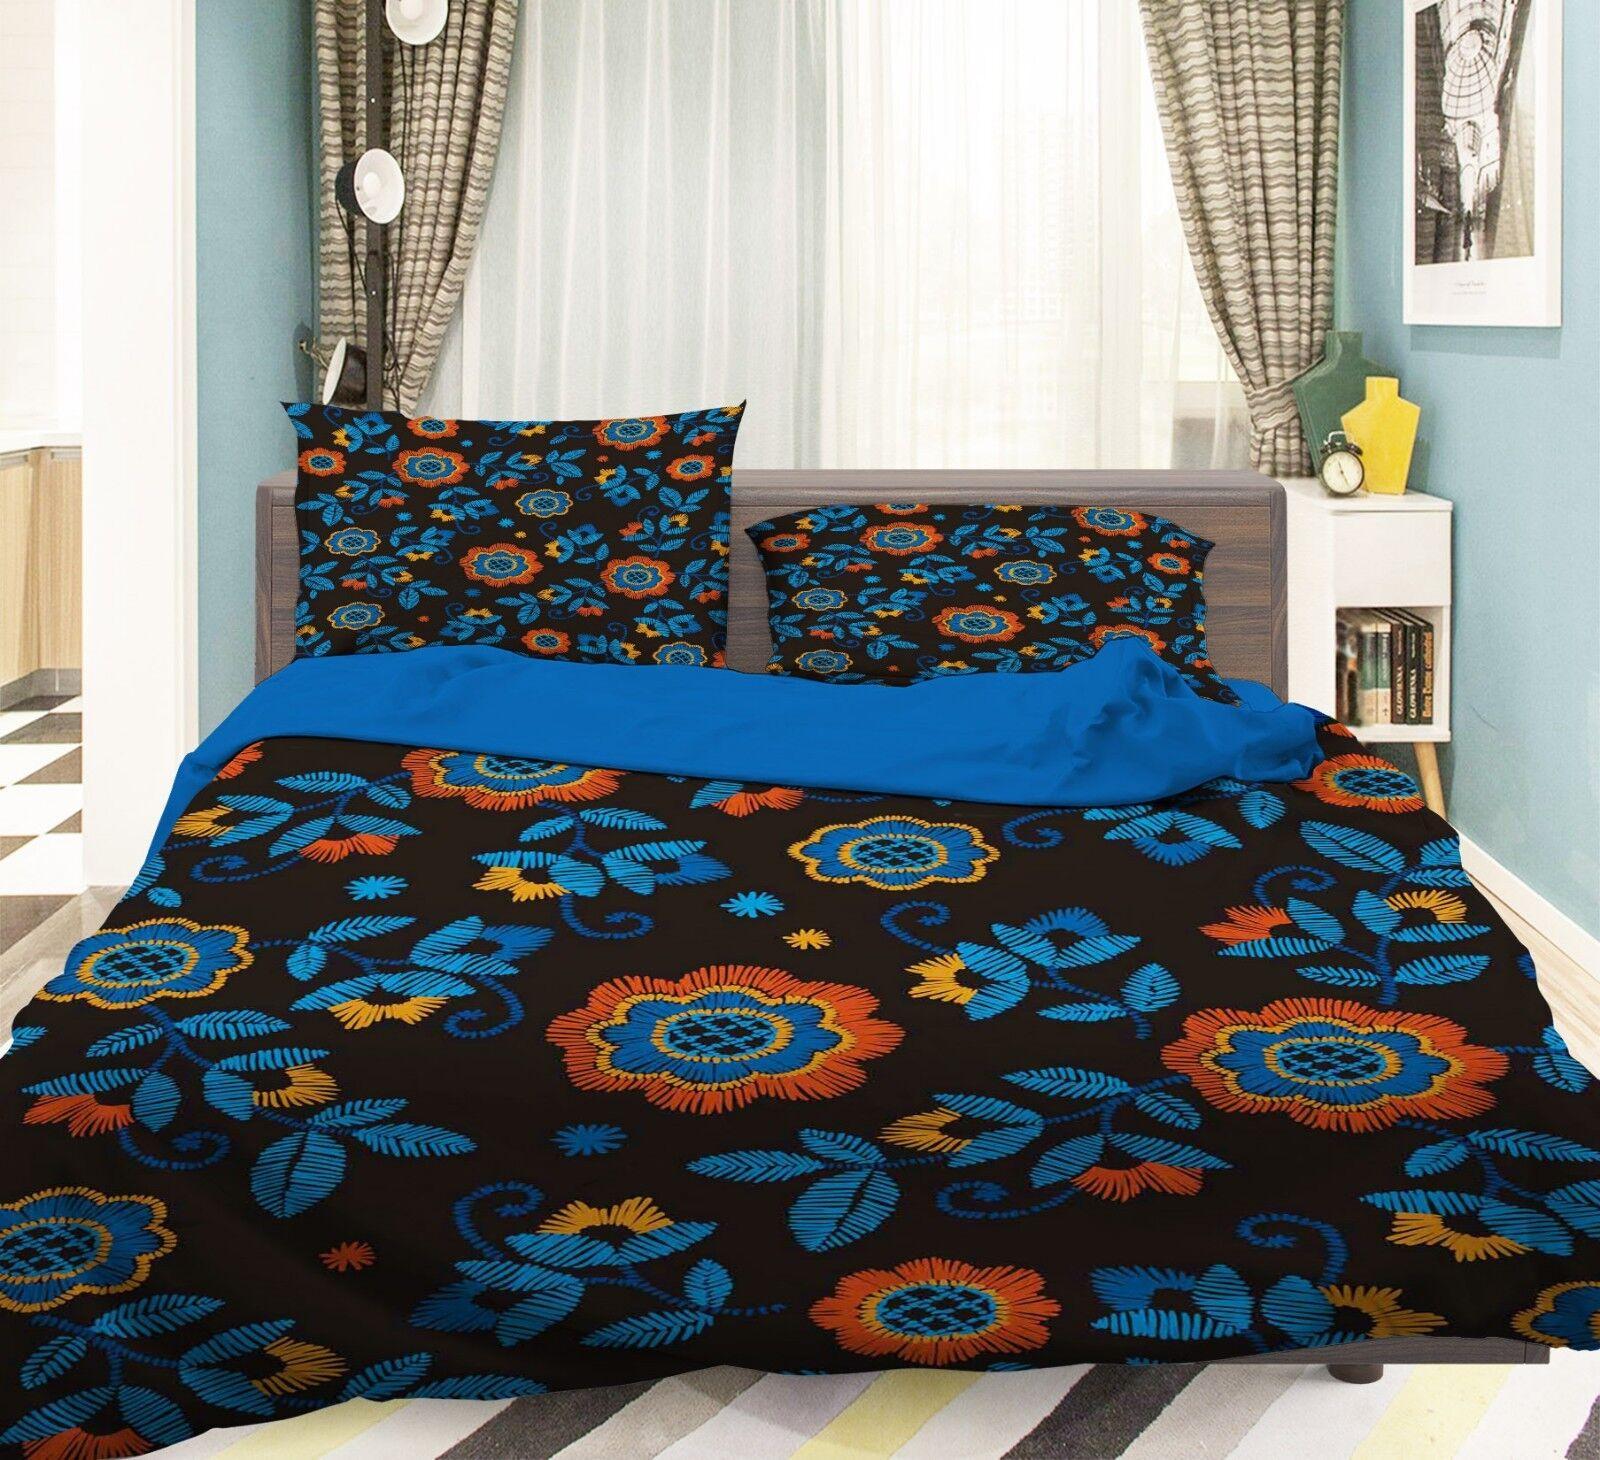 3D Painted Flowers 68 Bed Pillowcases Quilt Duvet Cover Set Single King UK Lemon